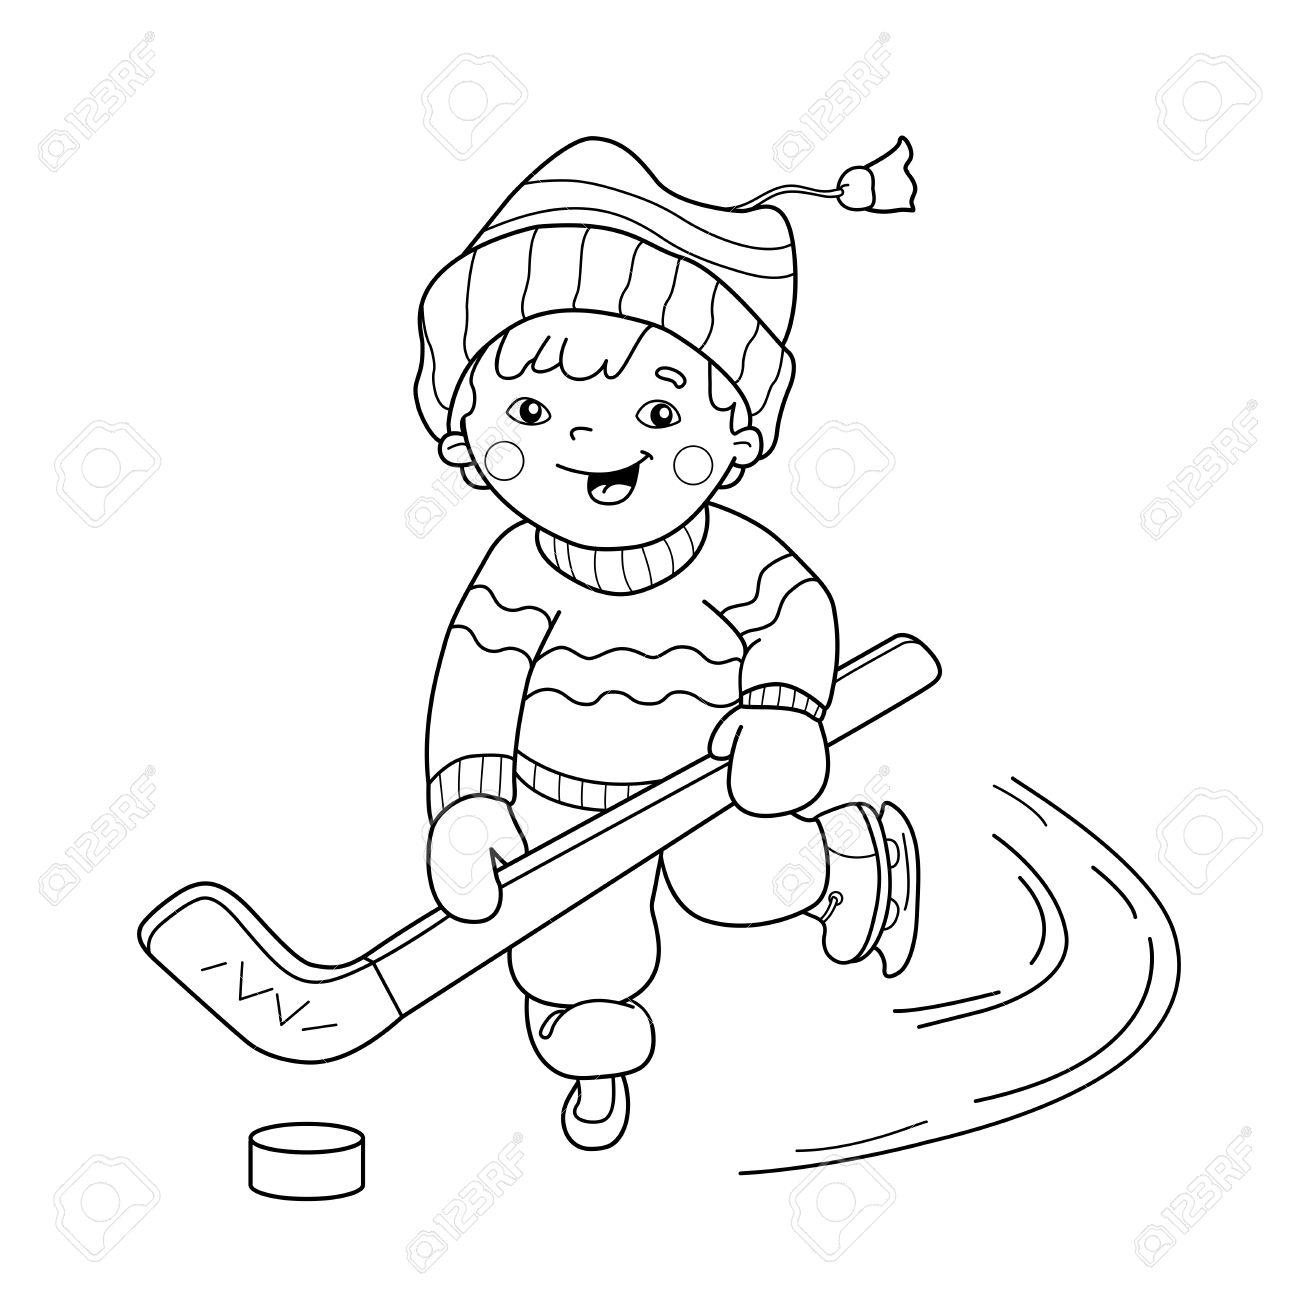 Página Para Colorear Esquema De Hockey Chico De Juego De Dibujos